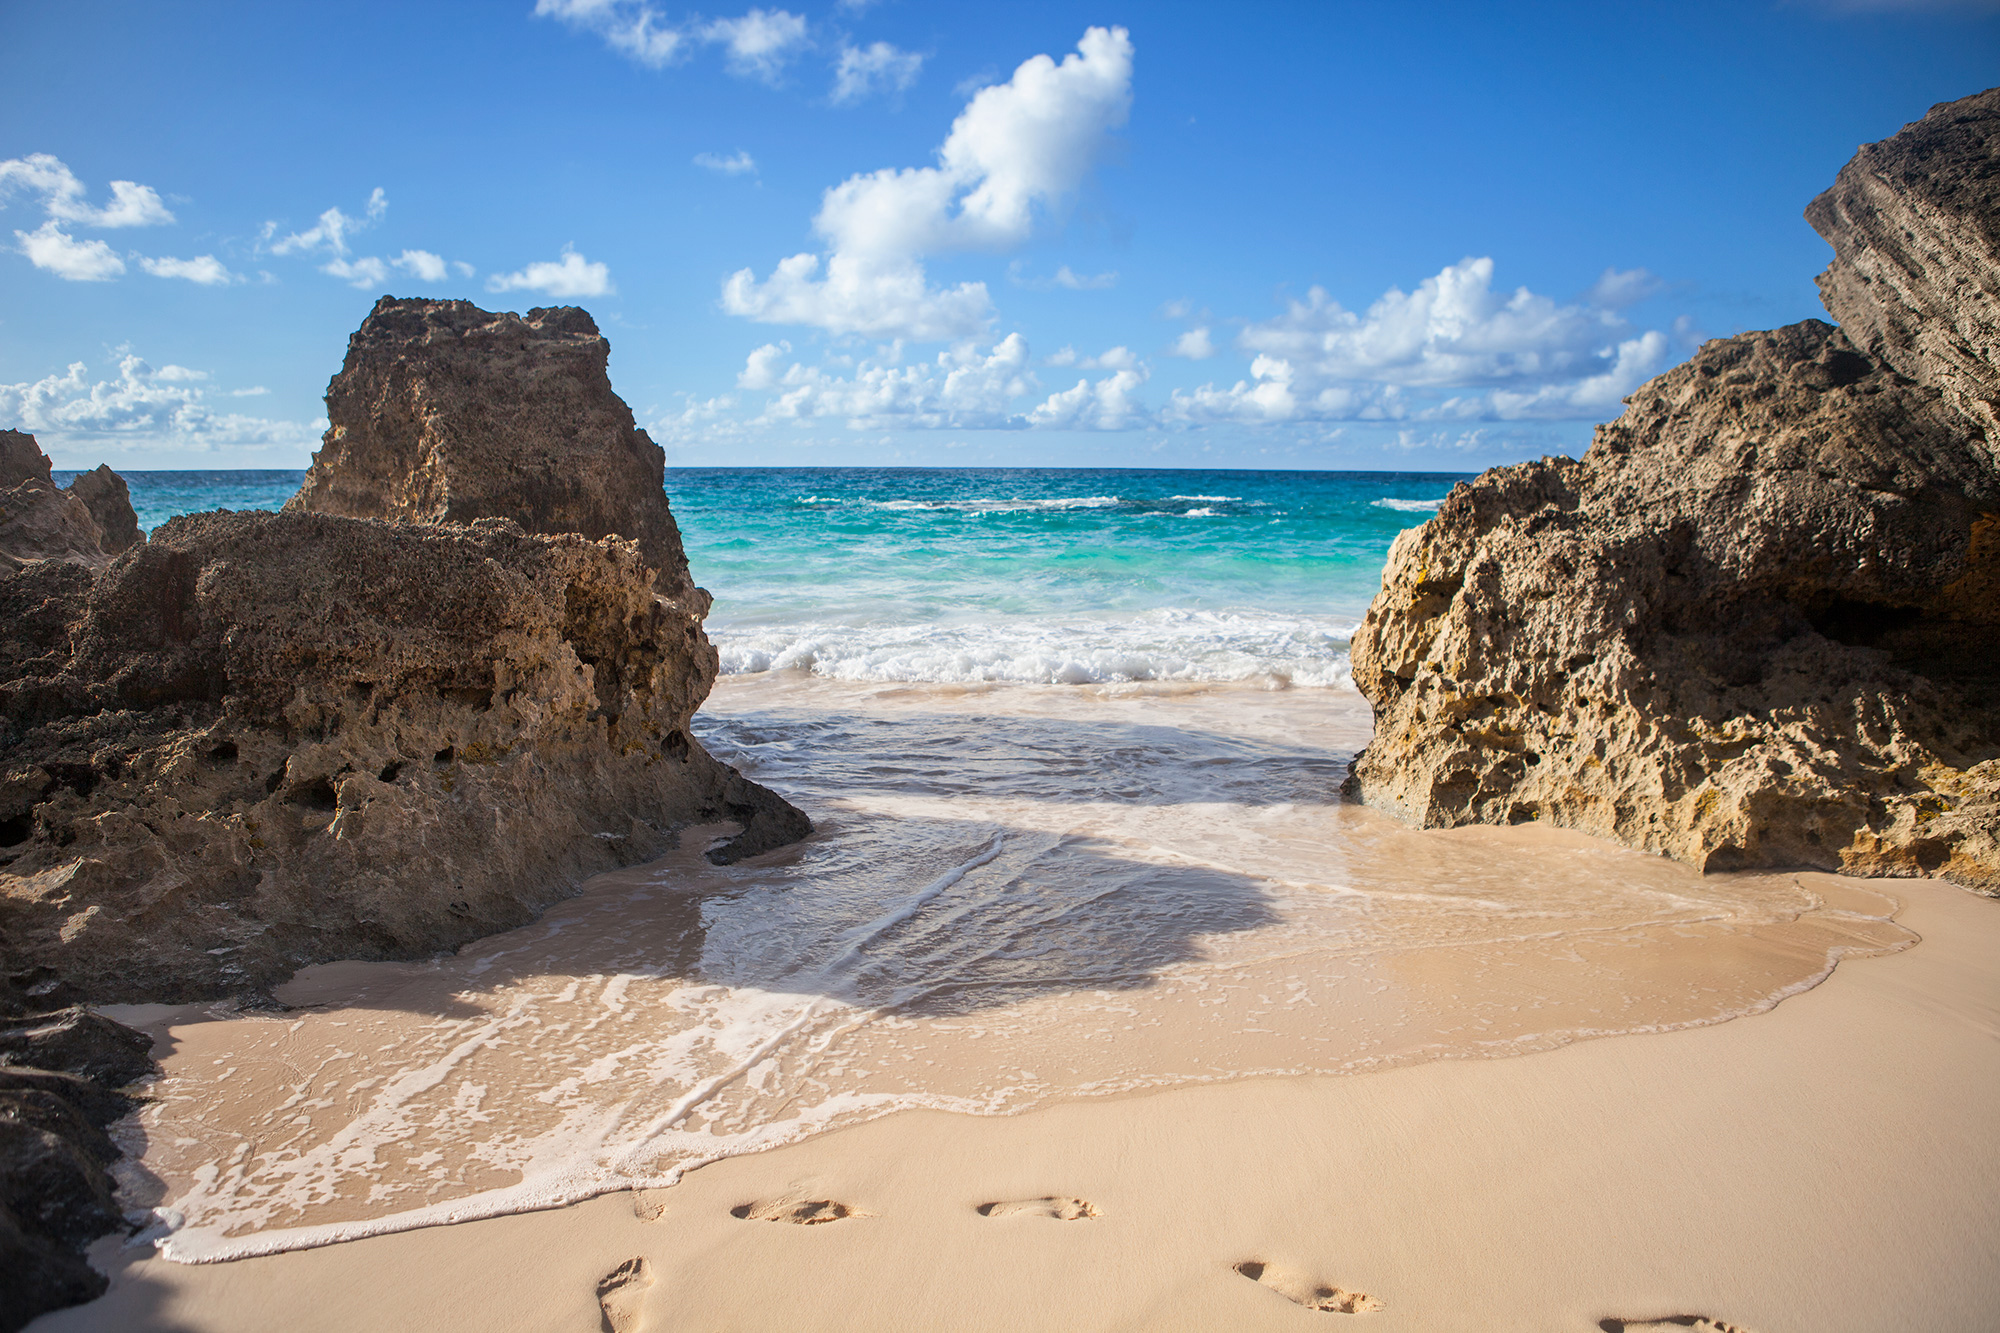 Beautiful sandy cove in Bermuda